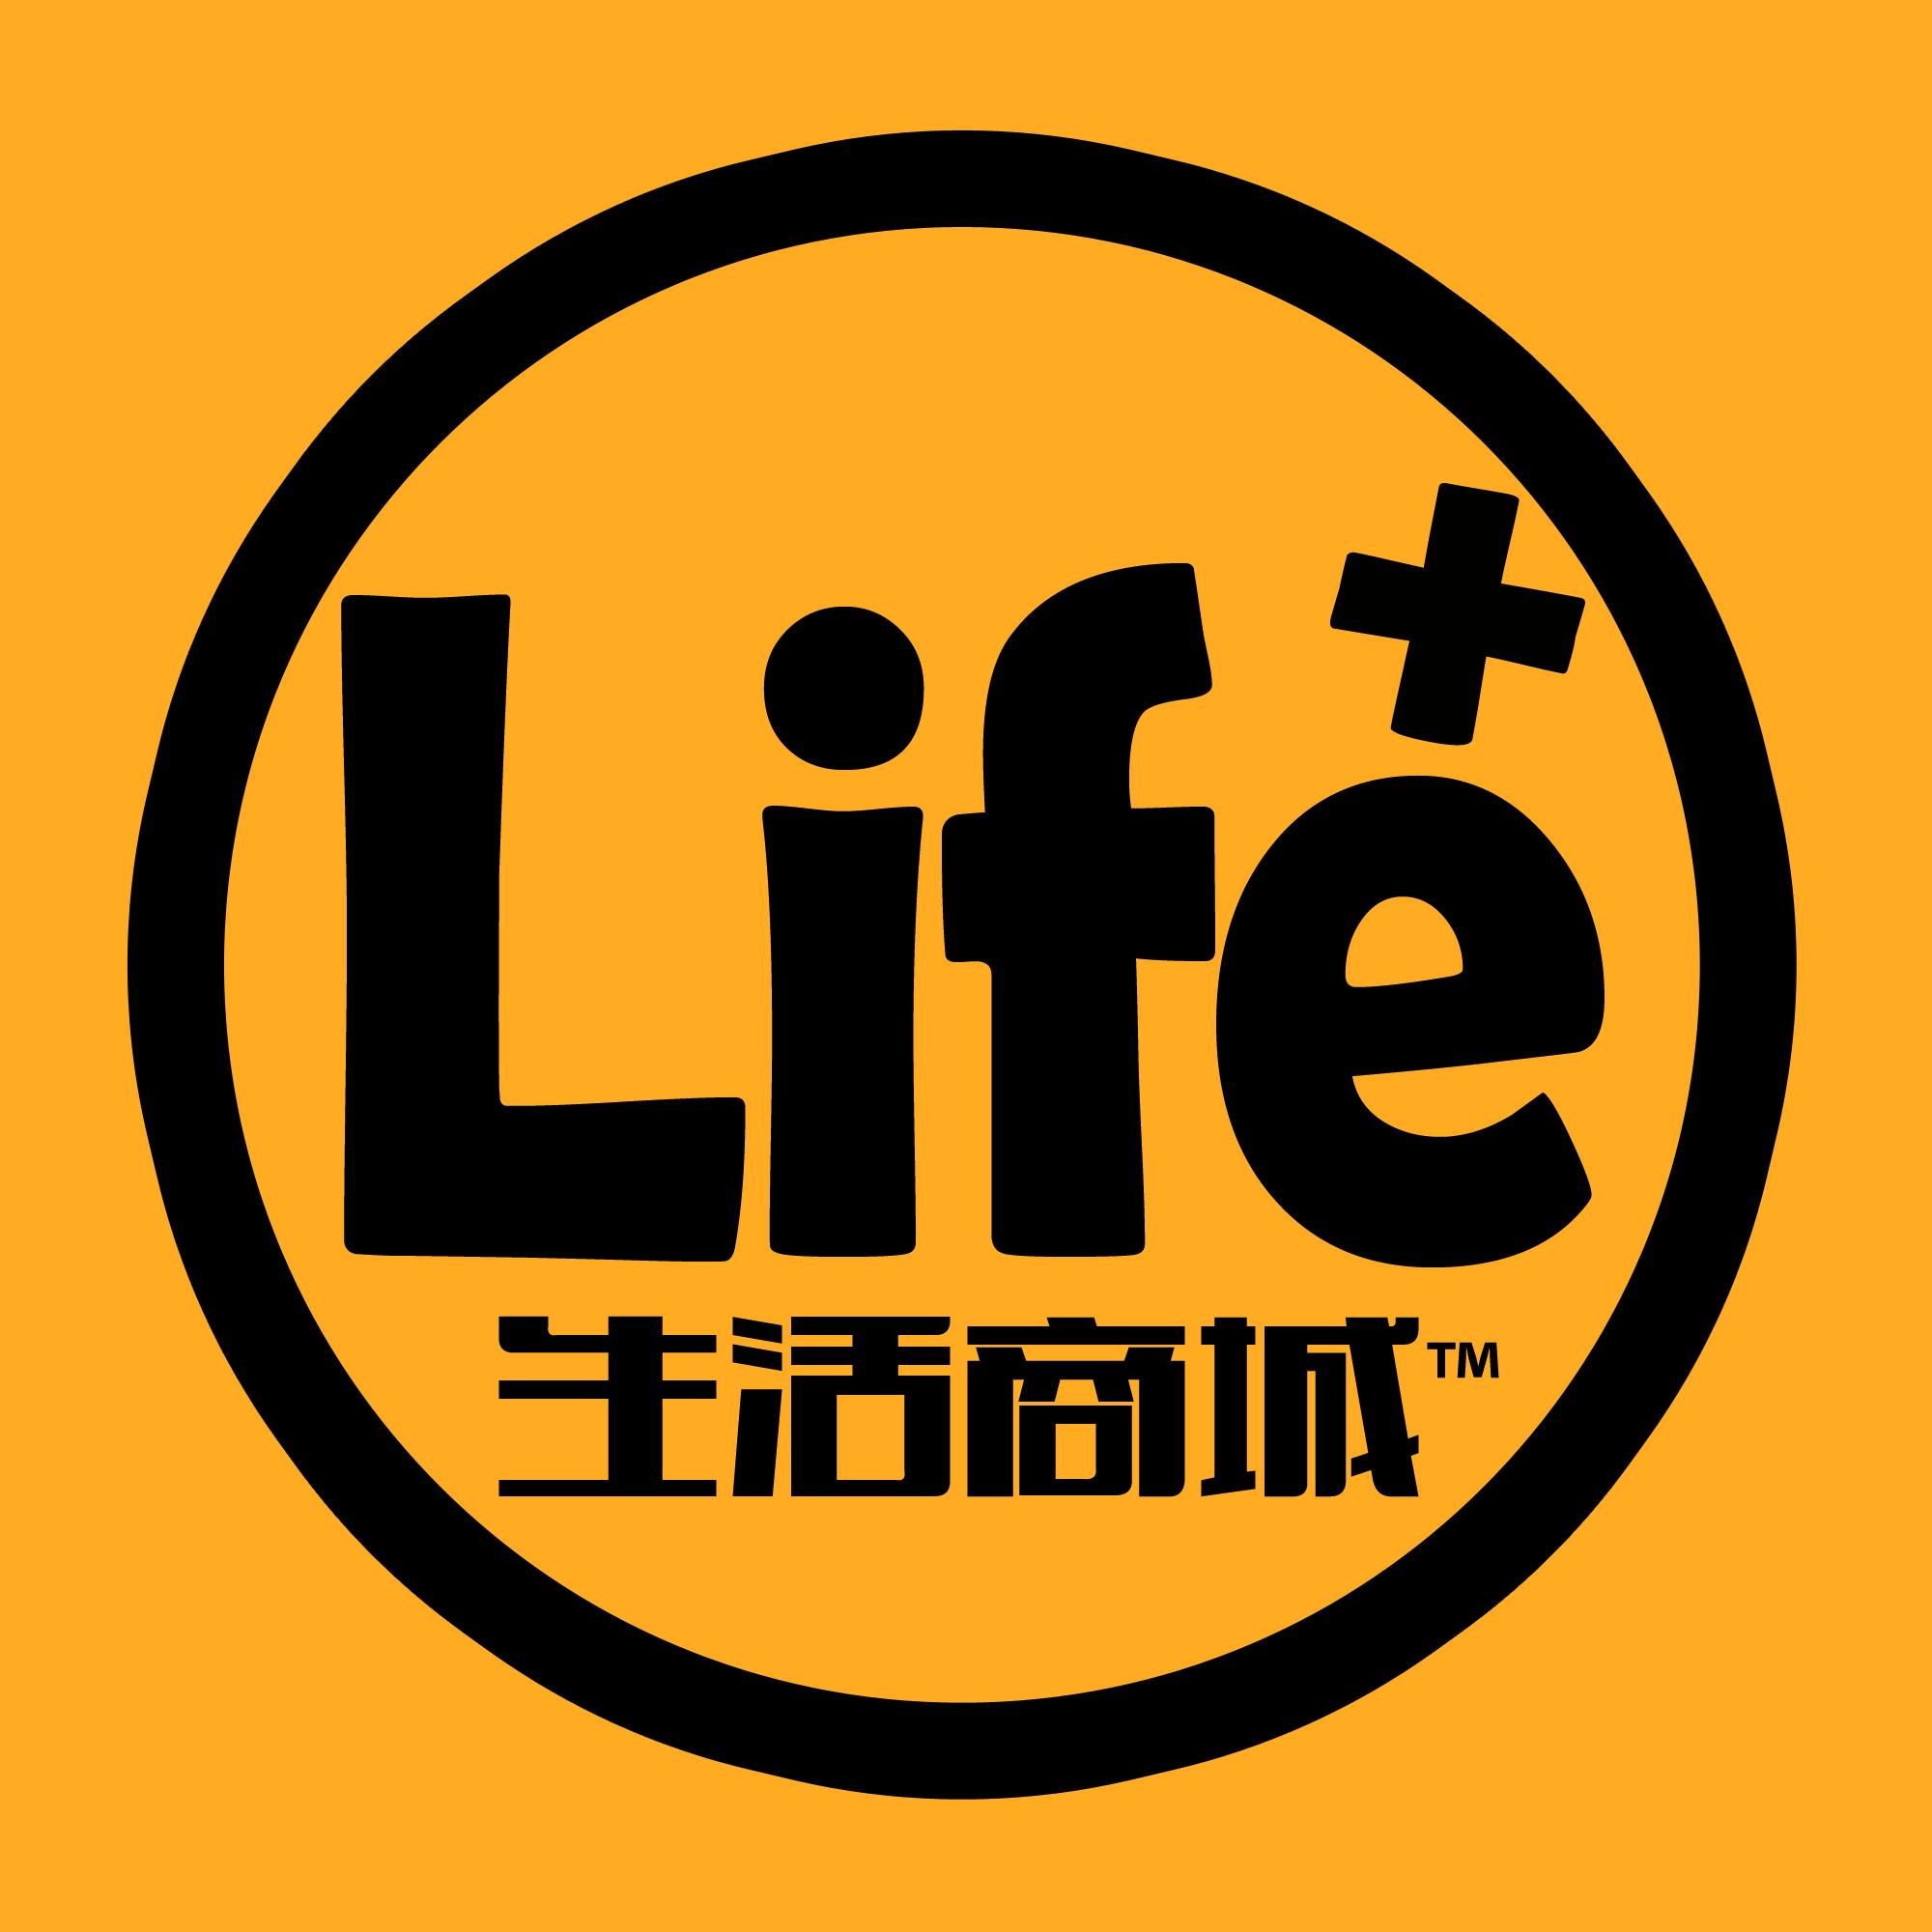 运动logo手机壁纸